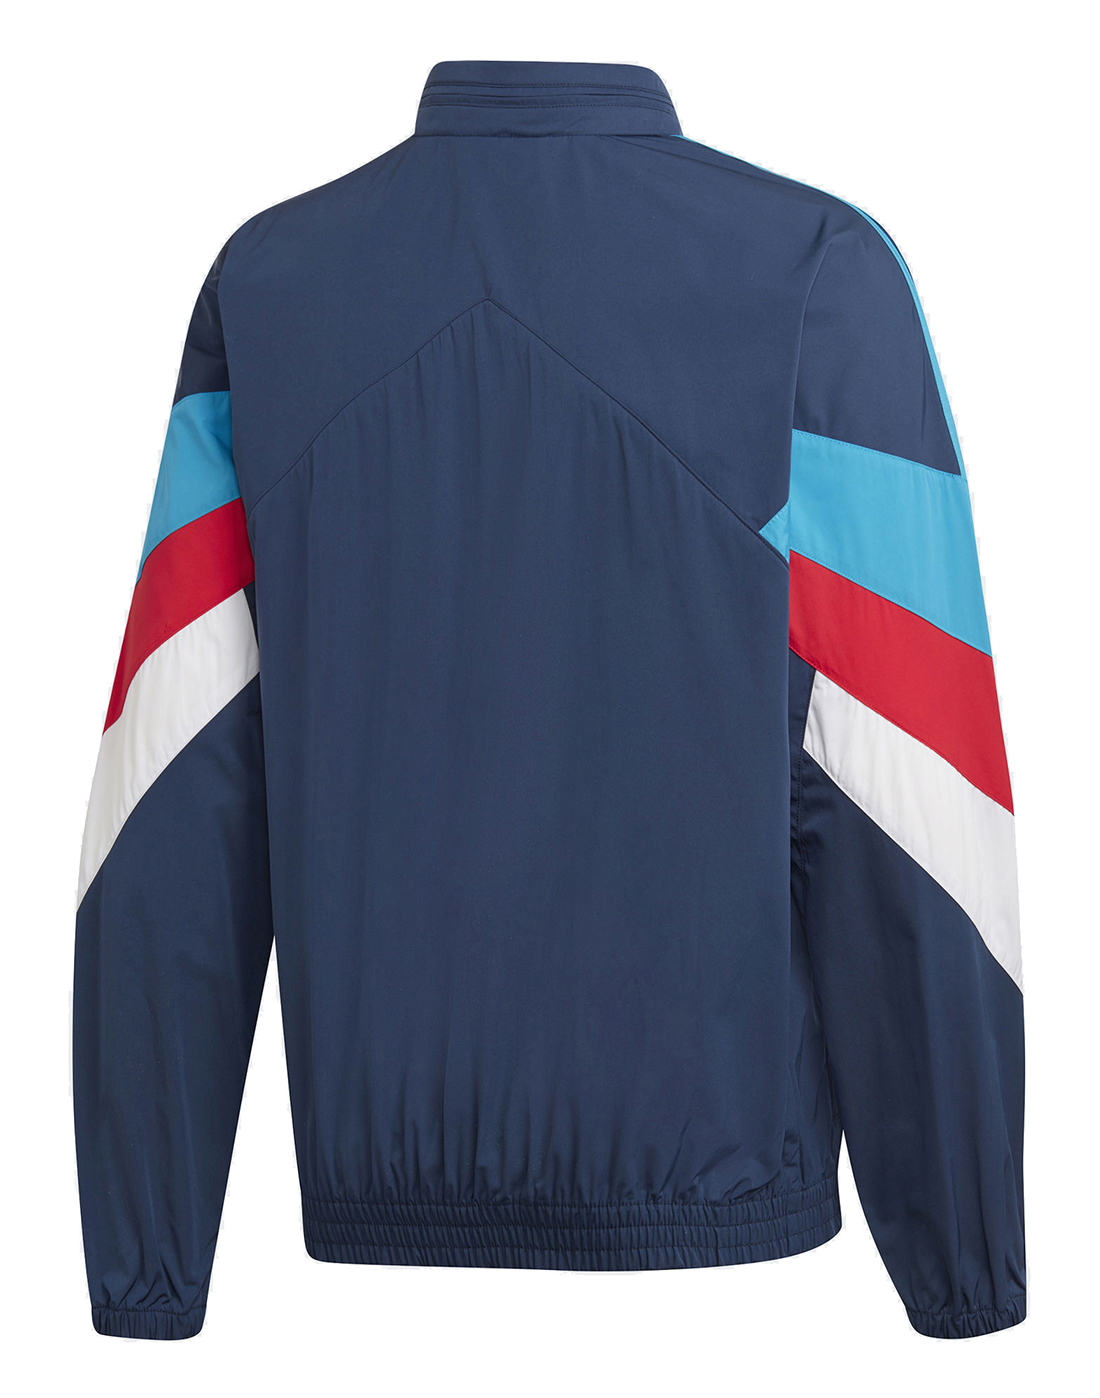 Adidas Windbreaker Herren. Trendy Adidas Originals